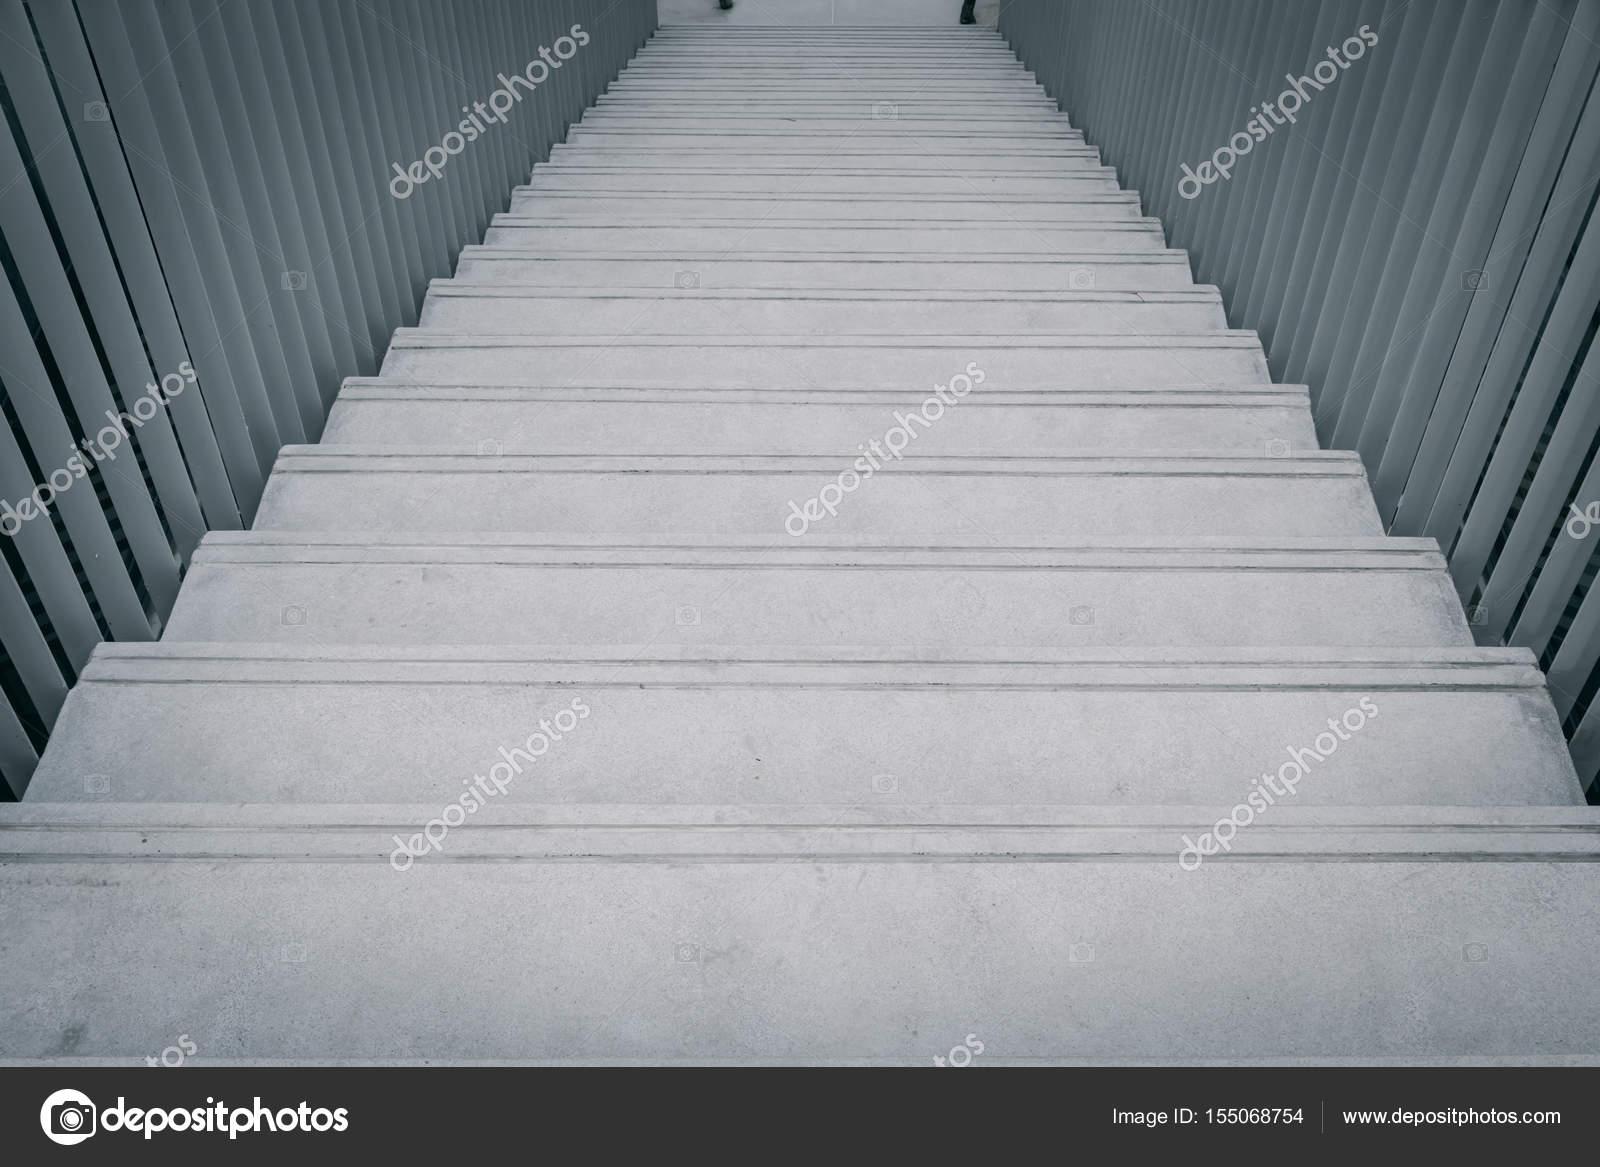 Zwart wit architectuur bouwen ontwerpconcept betonnen trap manier